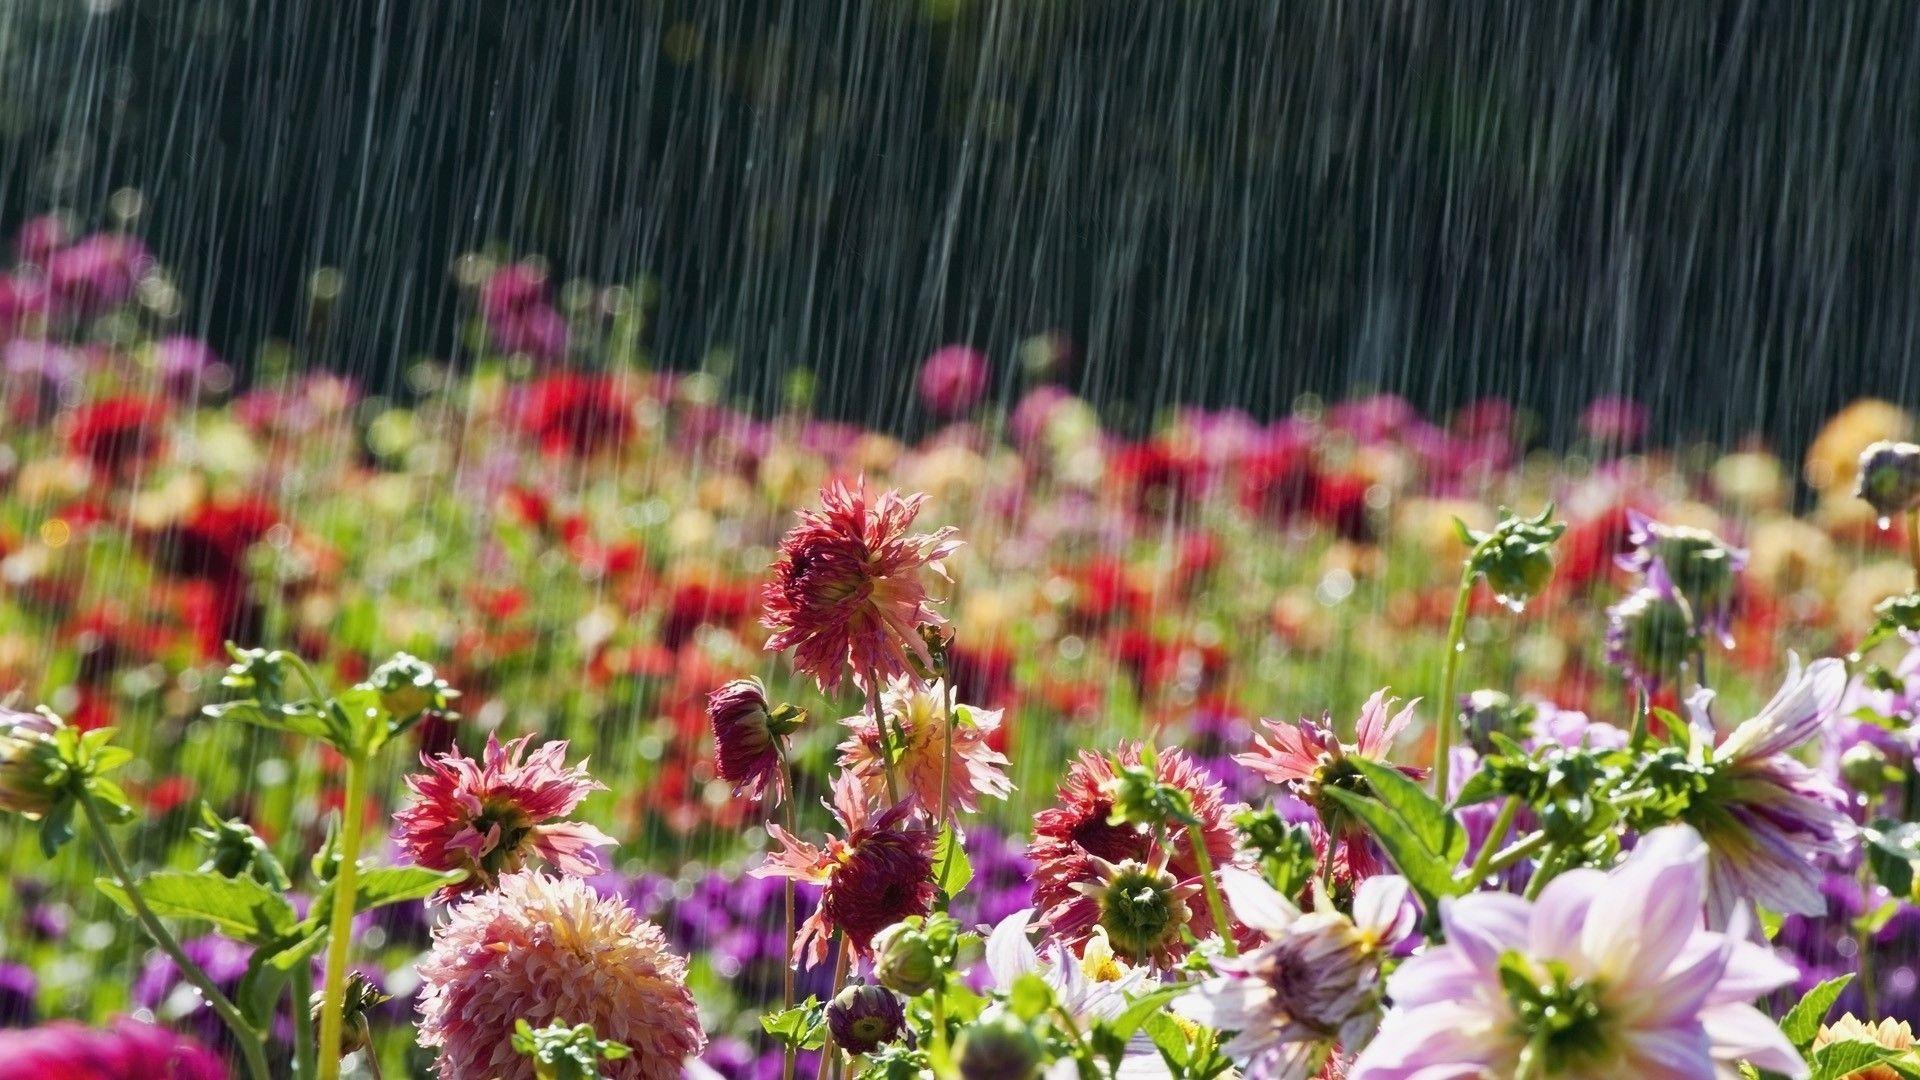 Foto Gratis Flores Fondo Naturaleza: Fotografía Lluvia Flor Naturaleza Fondo De Pantalla